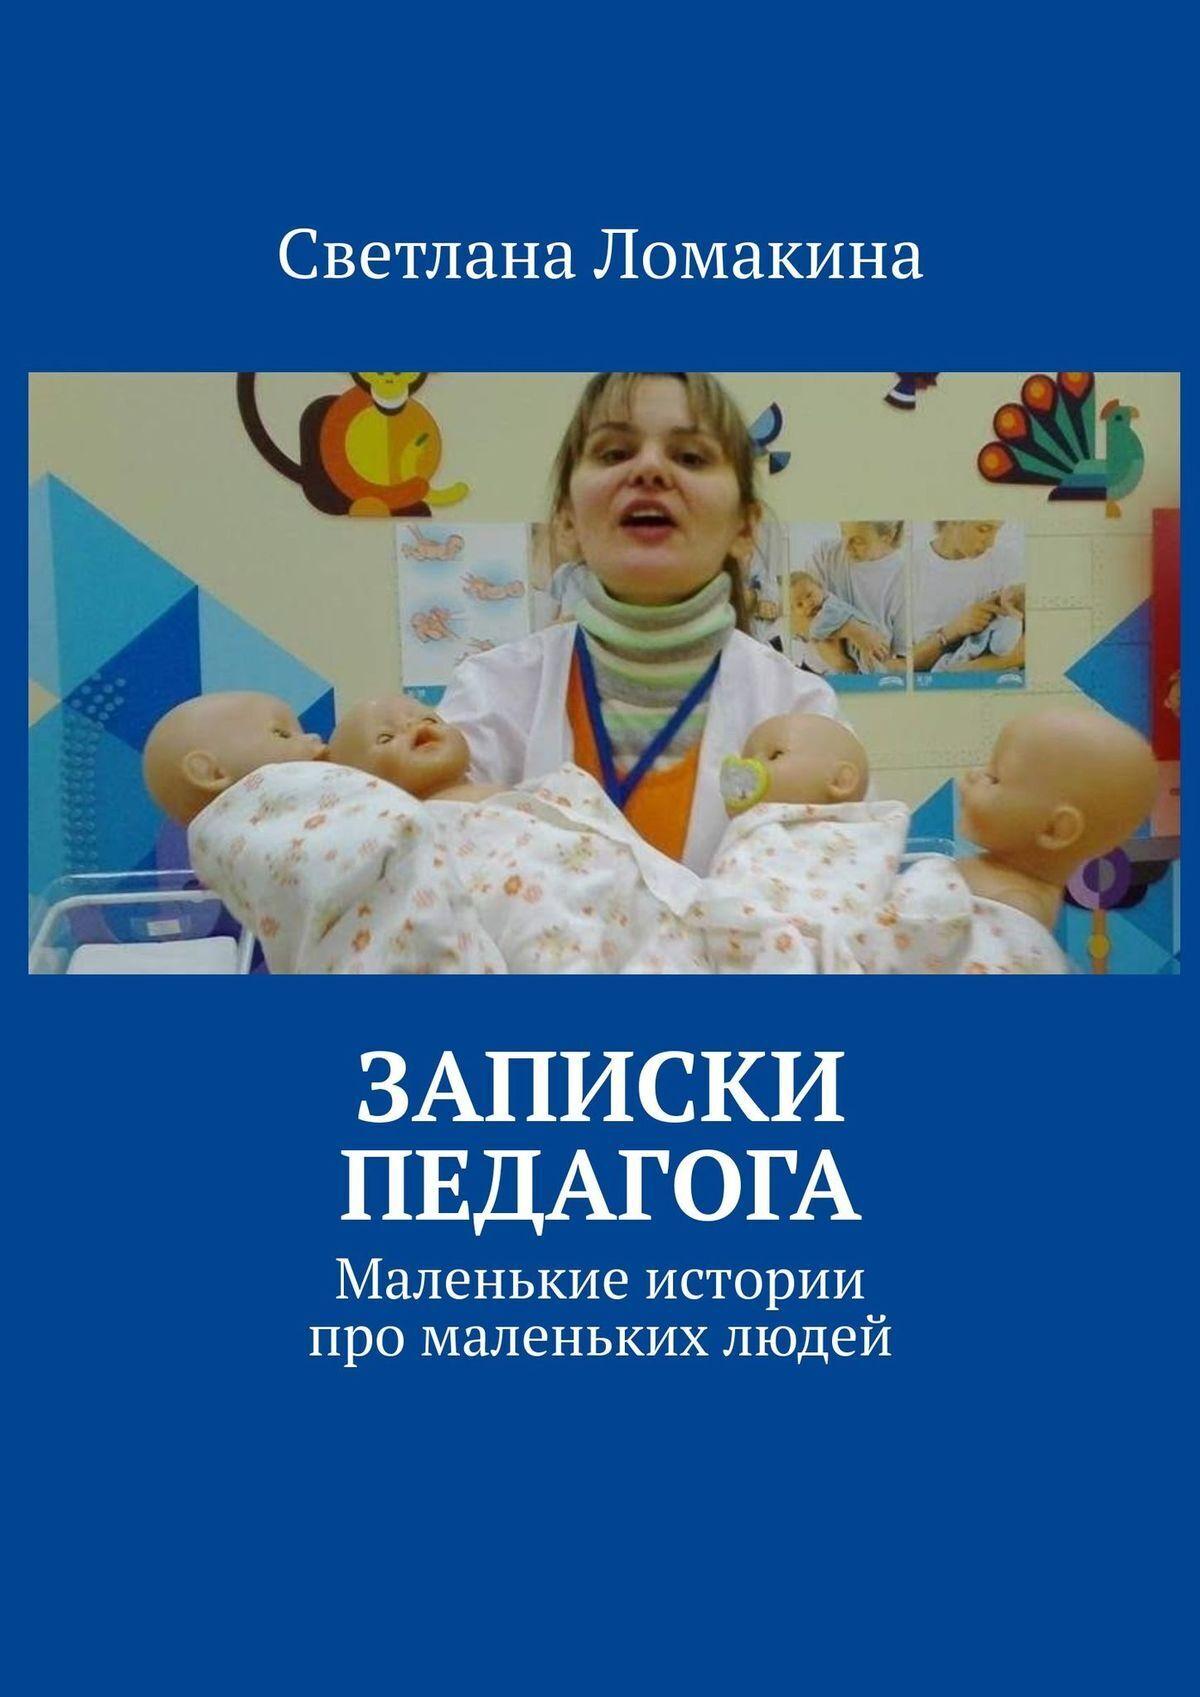 Светлана Севрикова - Записки педагога. Маленькие истории про маленьких людей